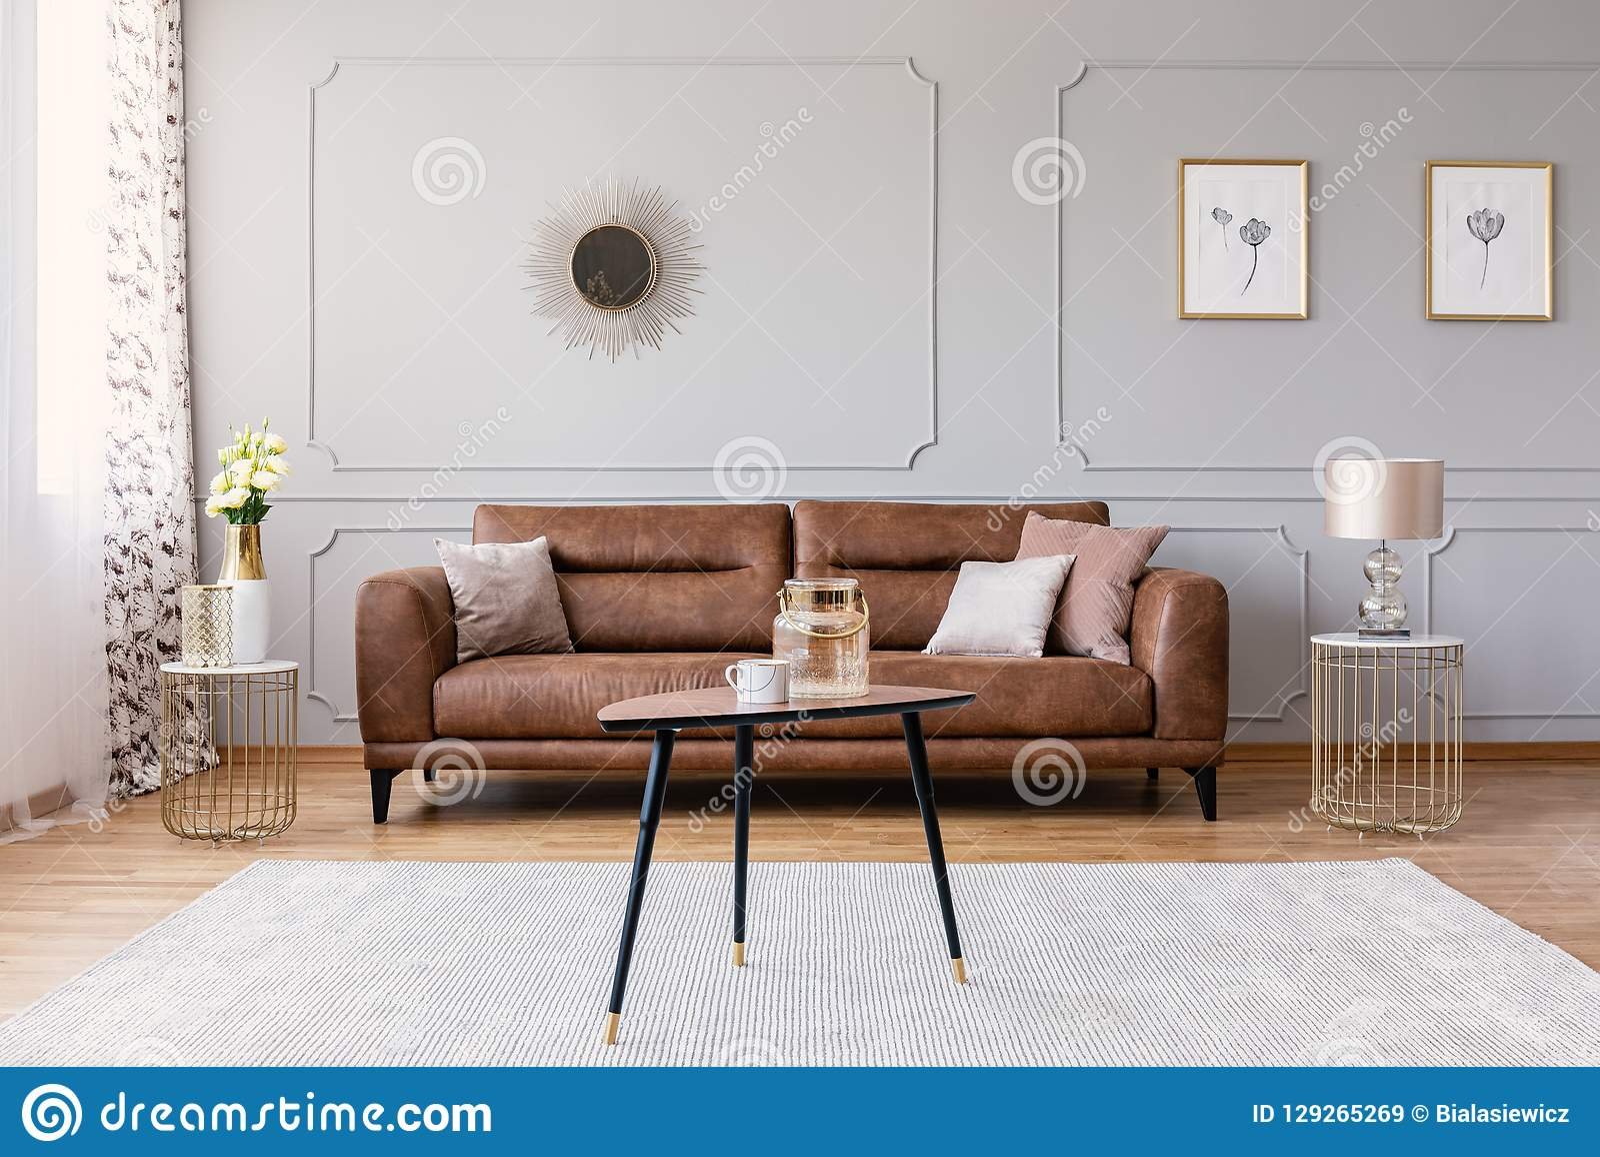 Tabla de madera en la alfombra delante del sofá de cuero en interior plano gris con los carteles y el espejo